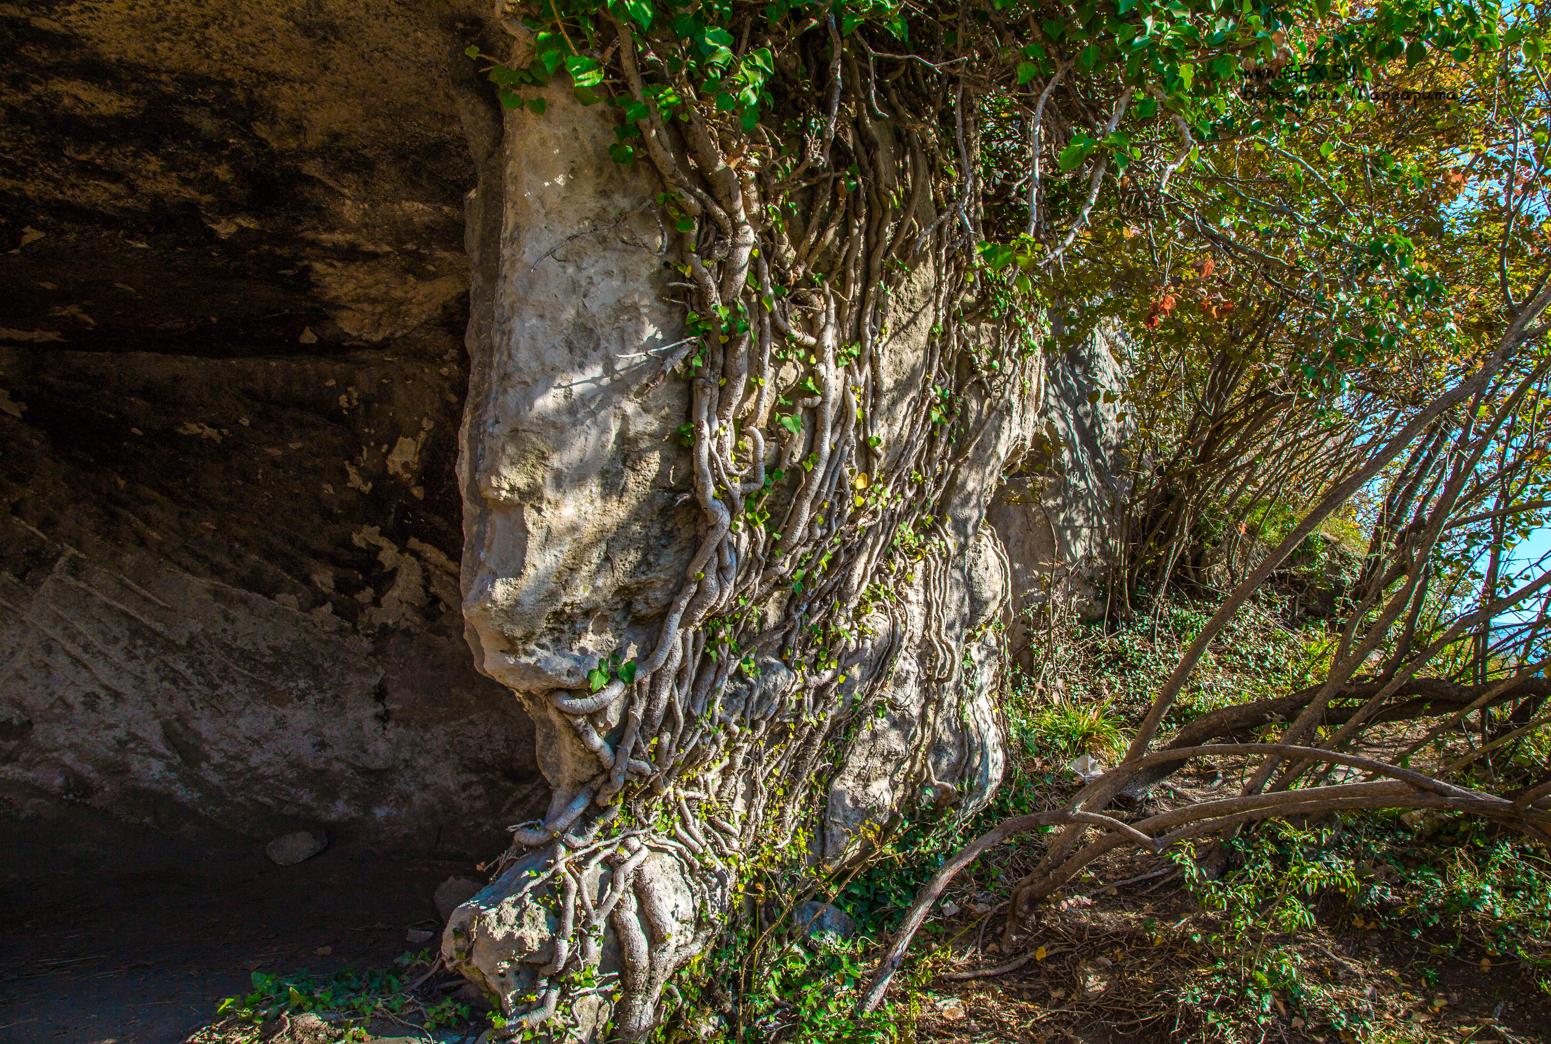 плющ в пещерном городе